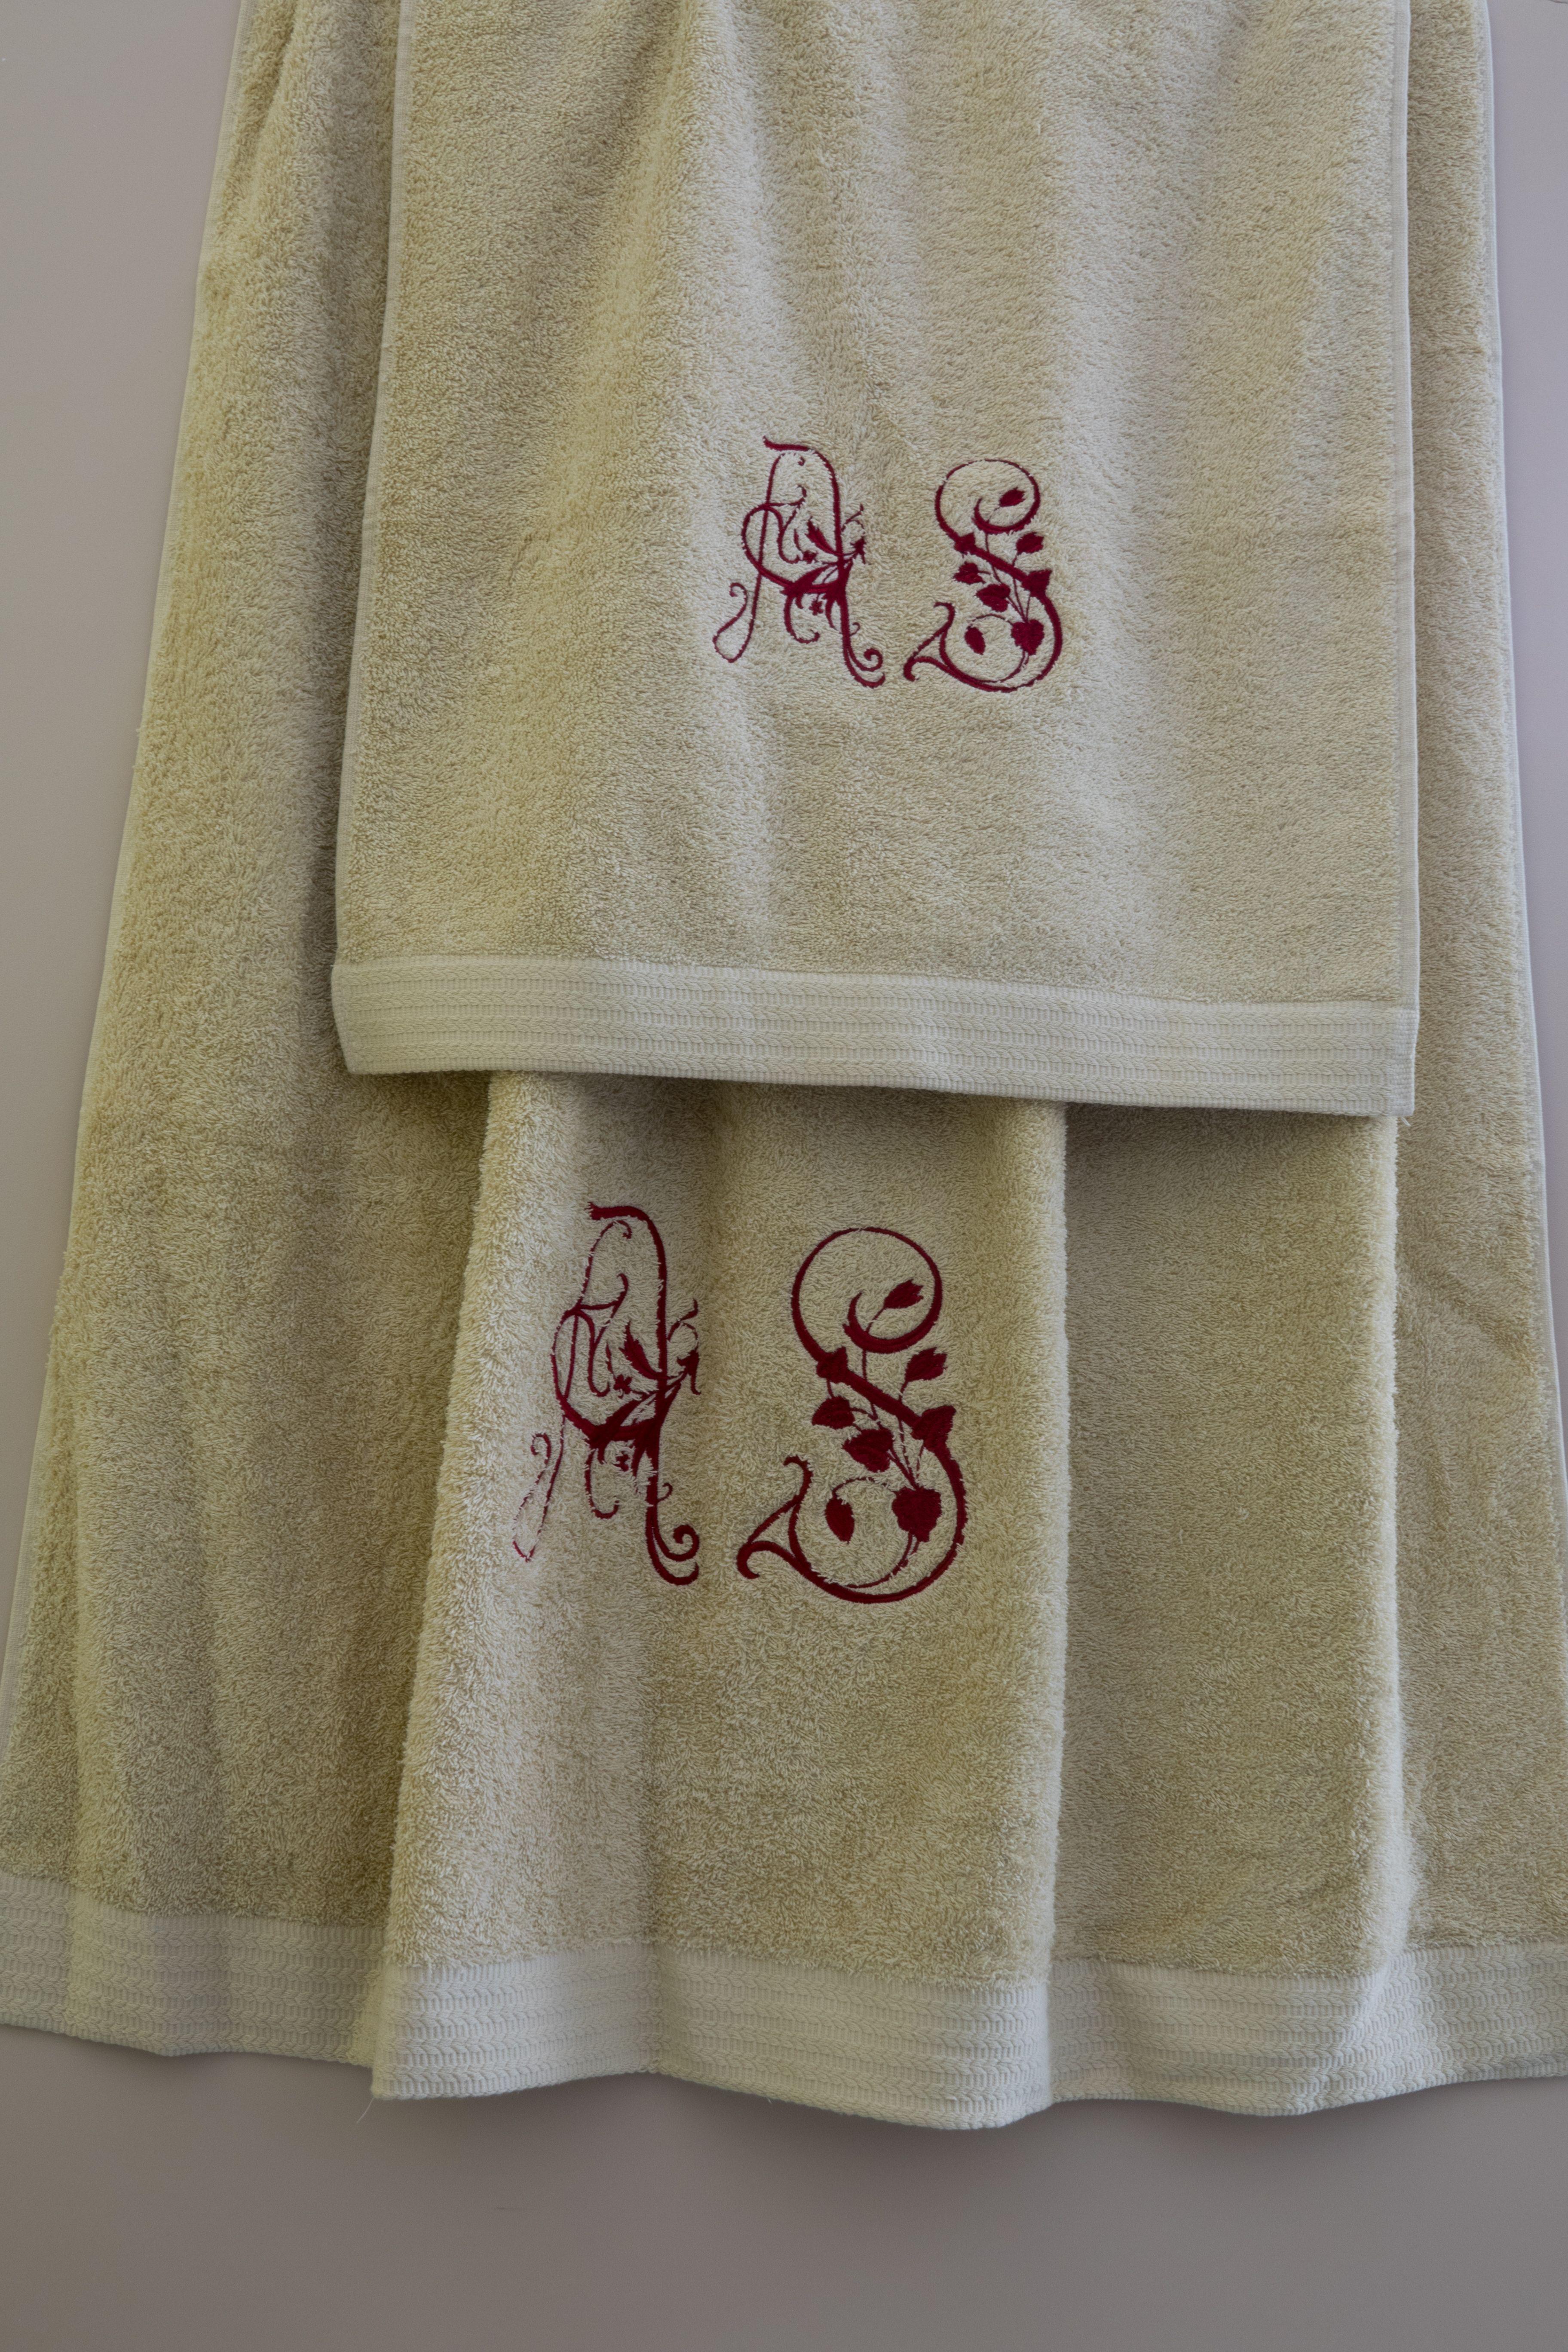 Juego de toallas personalizados en Valladolid